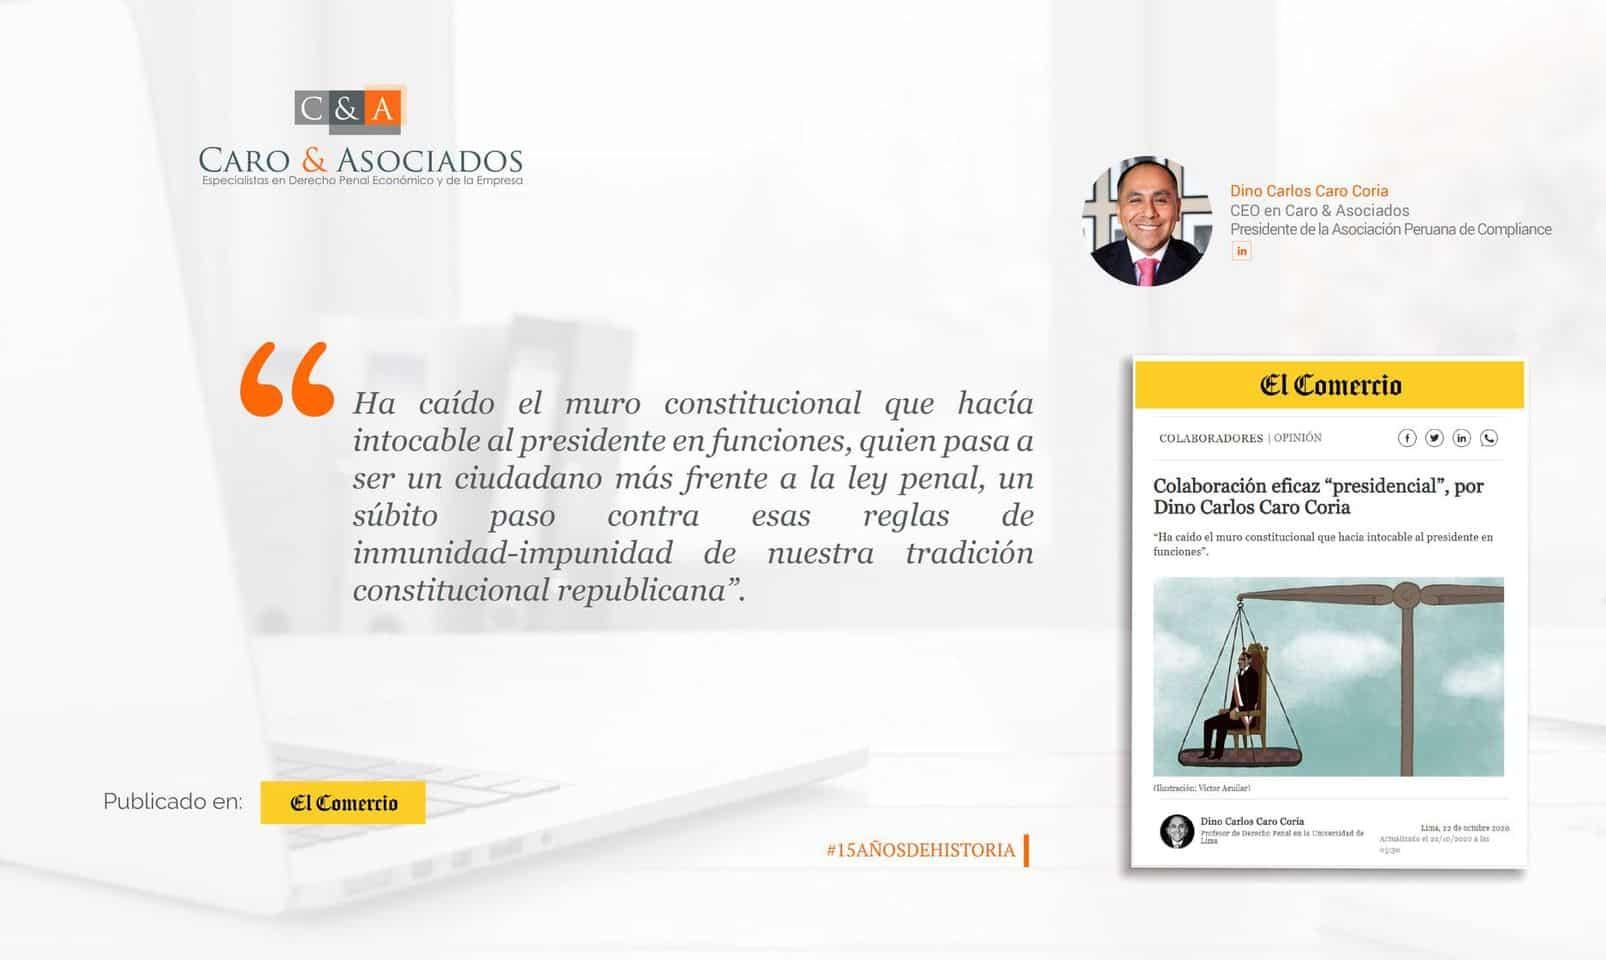 """Artículo De Dino Carlos Caro Coria, Publicado En El Diario El Comercio (Perú) (22.10.20), Colaboración Eficaz """"presidencial""""."""